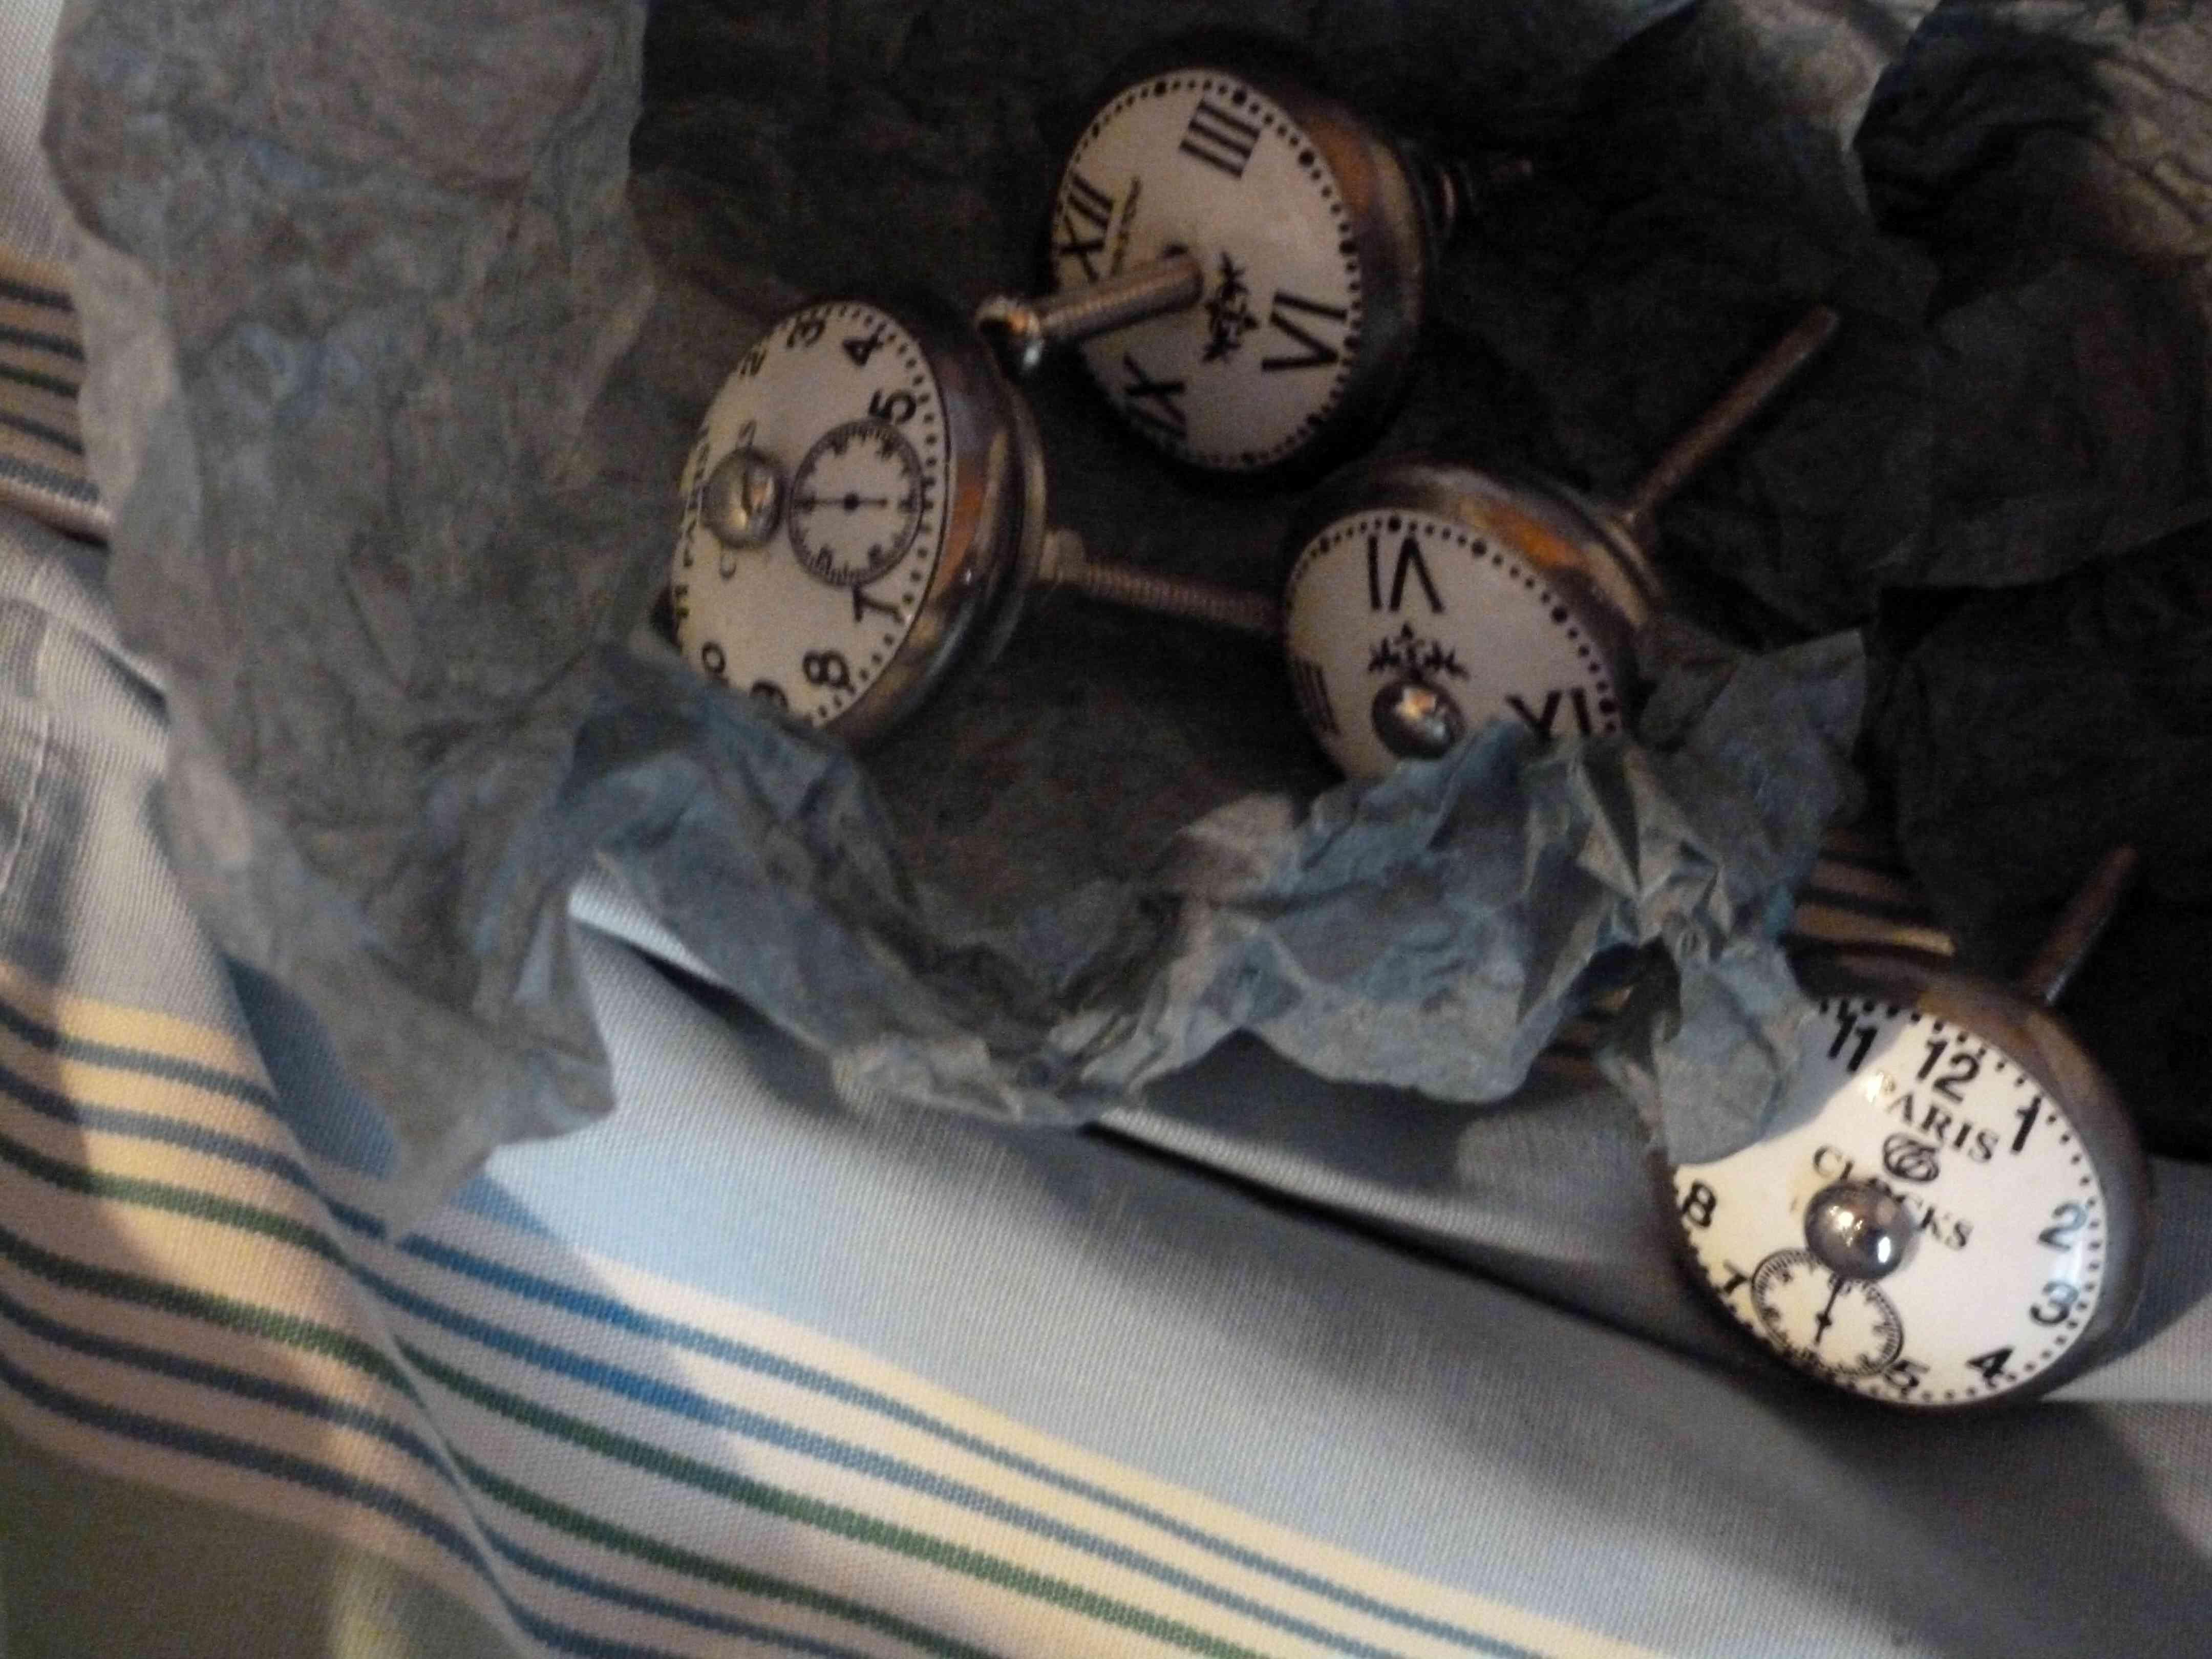 poignee-bouton-porte-horloge-Nain-de-jardin